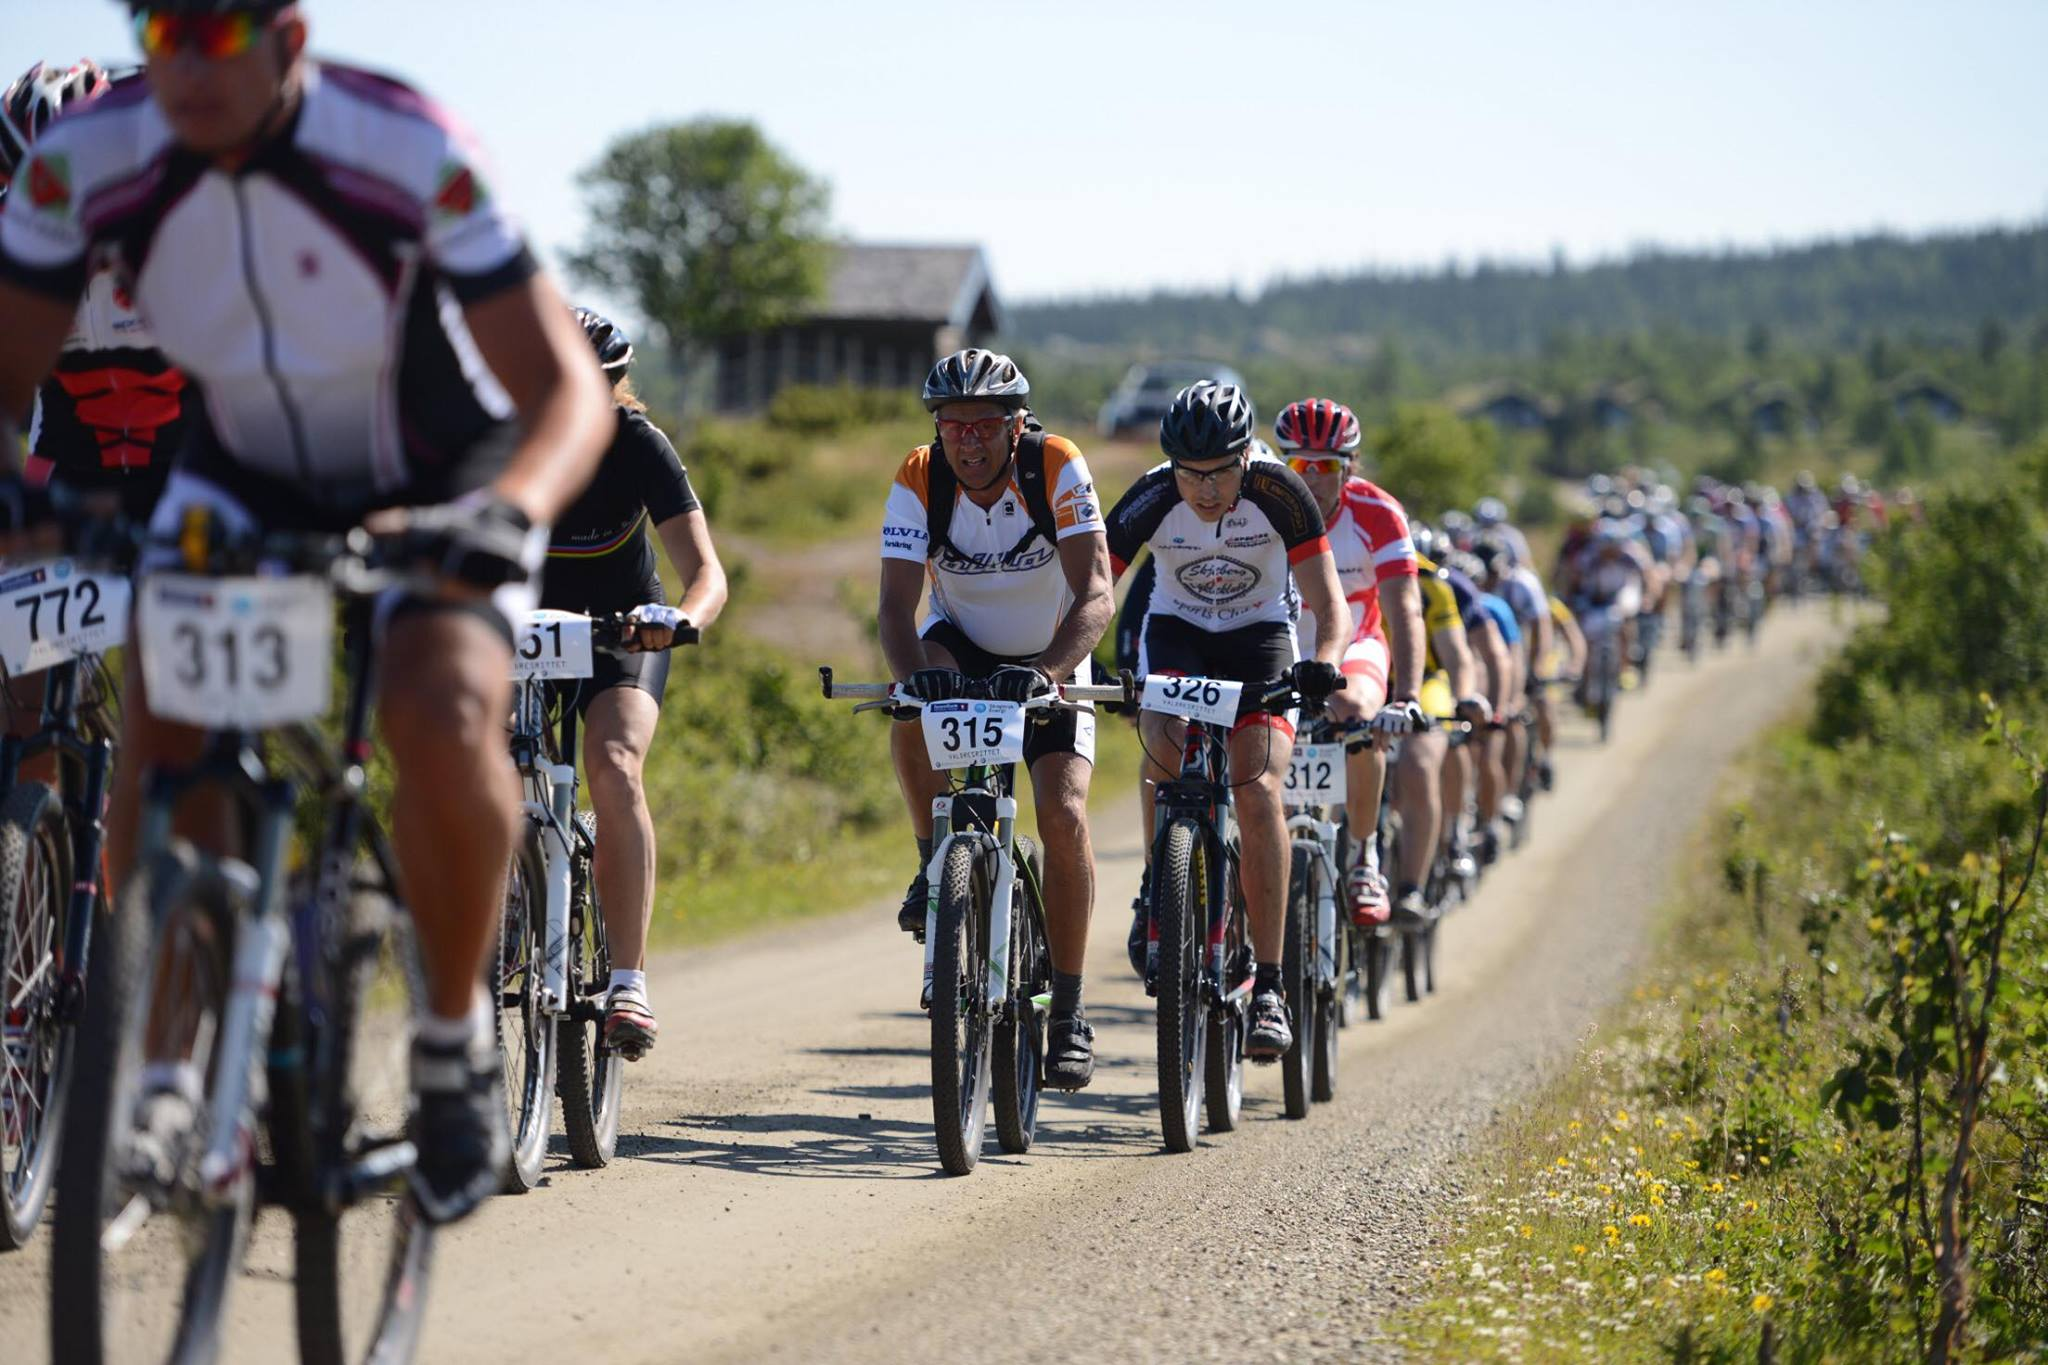 Valdresrittet 2018 - Vaset har tatt plass som en stor aktør innen sykkelritt i Norge. Hvert år kan du delta på Valdresrittet og Offroad Valdres. Det er tøffe ritt som krever både psykisk og fysisk styrke. Har du det som skal til?